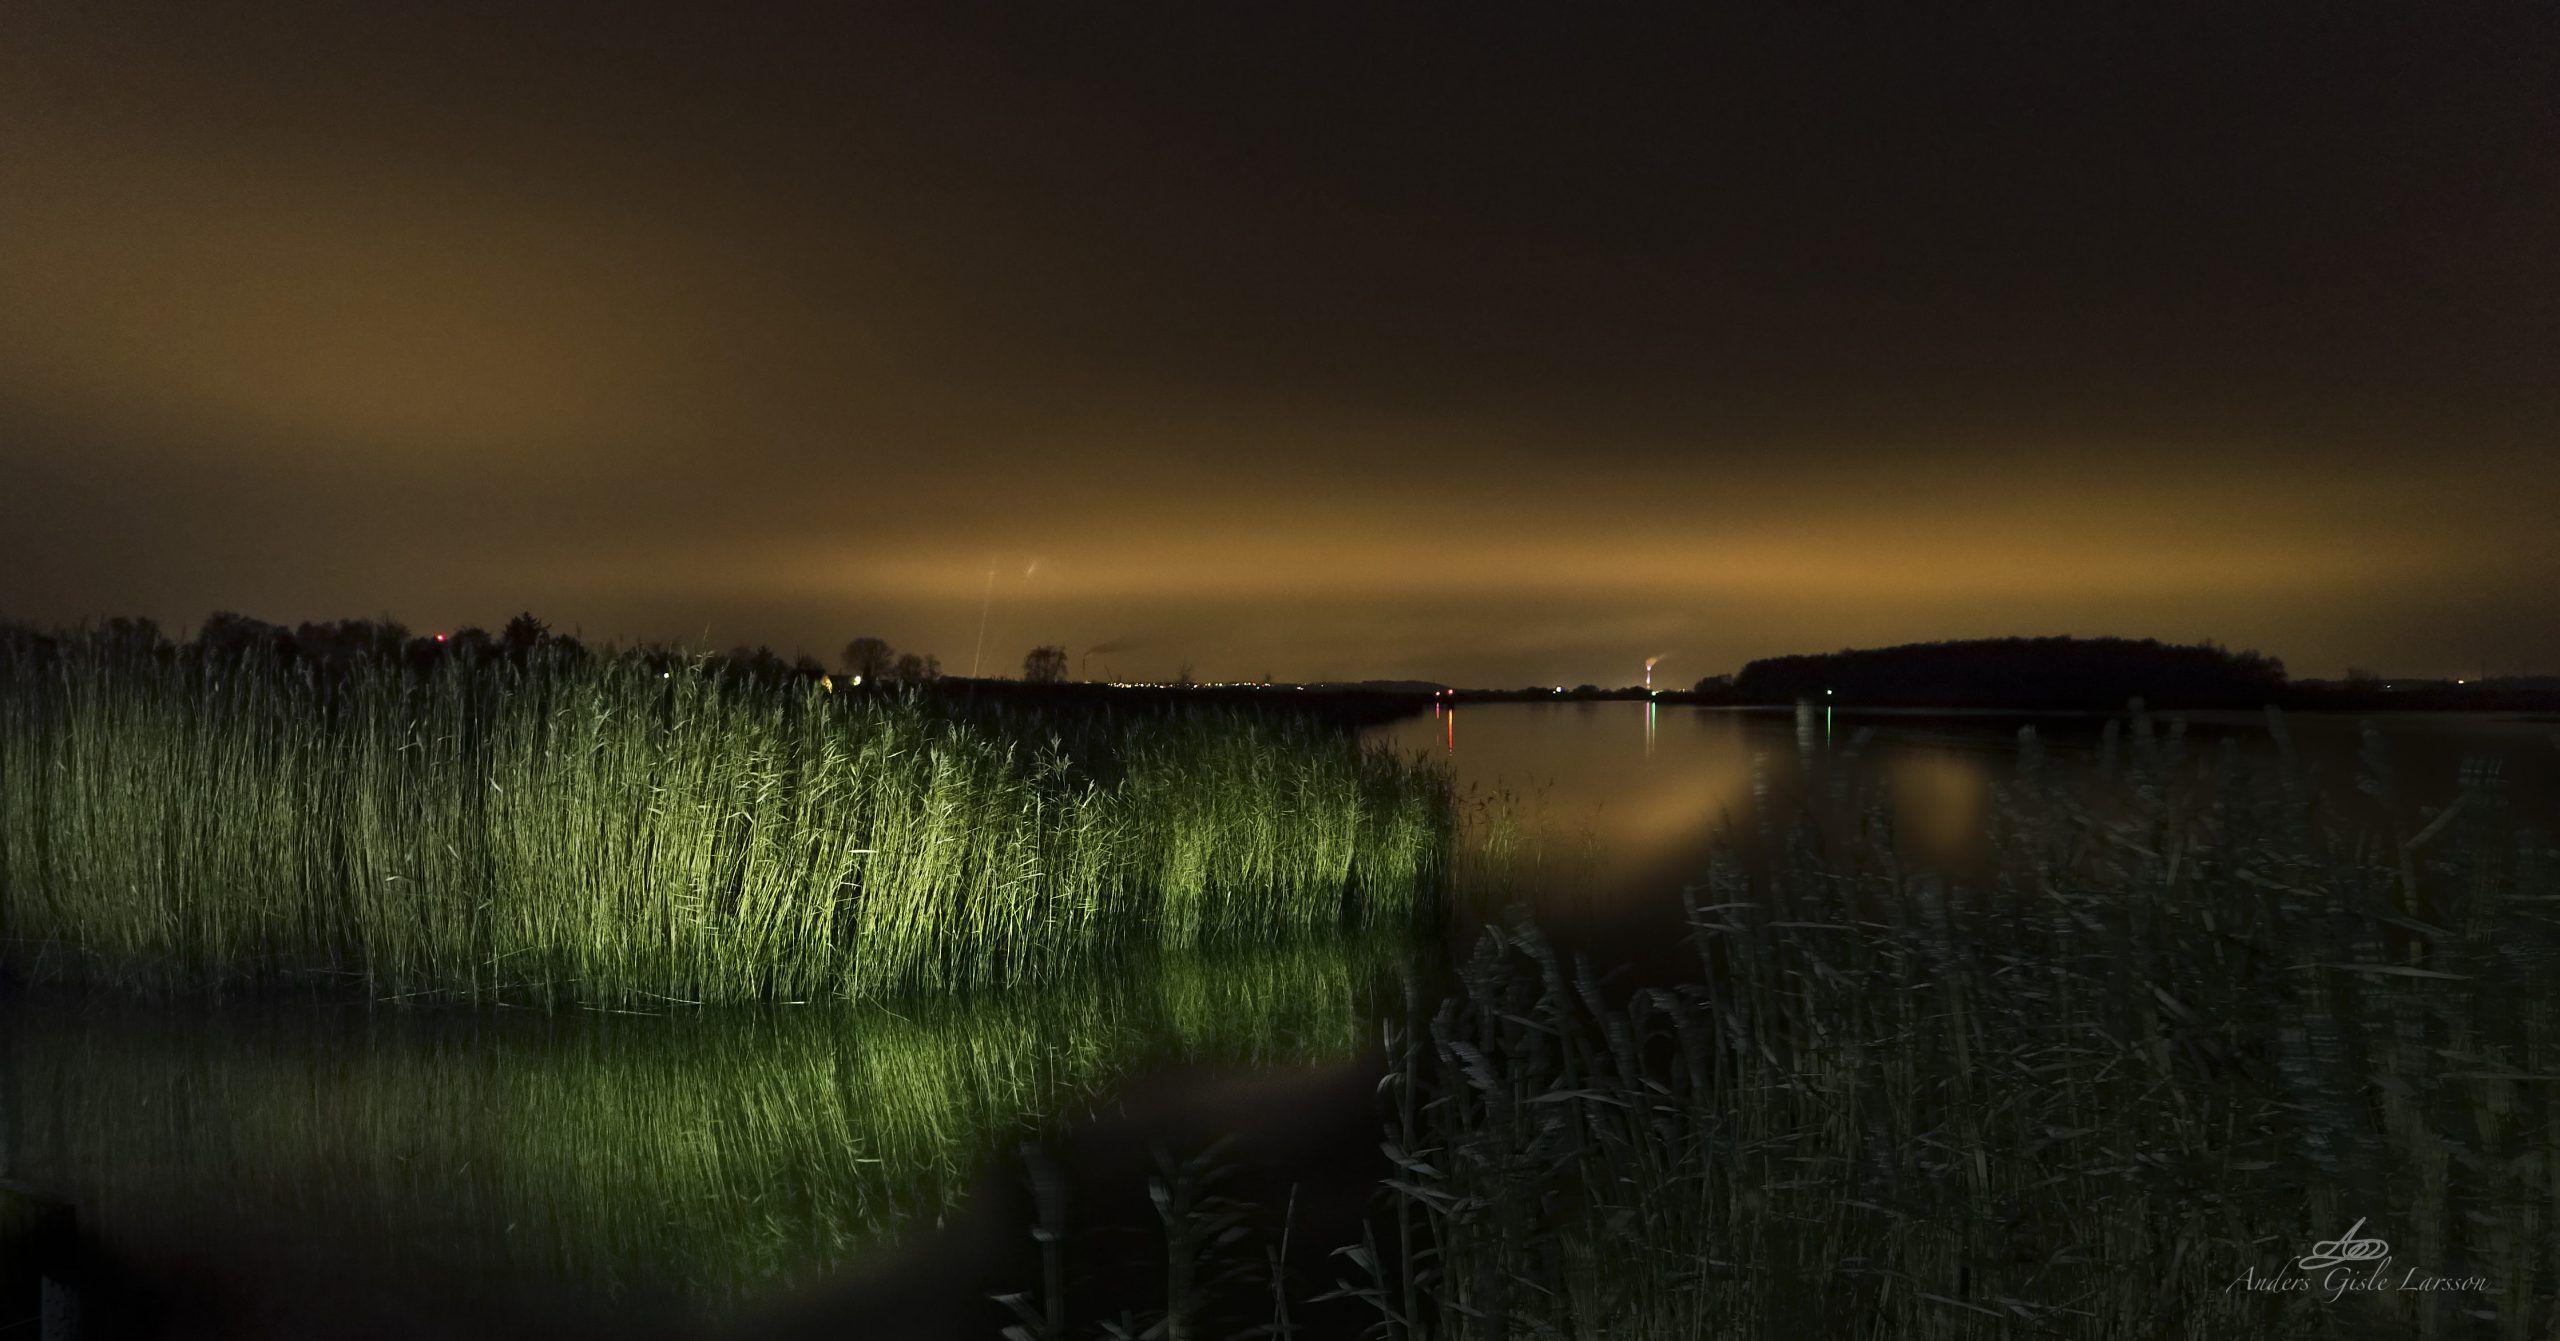 Fjord Lys, 327/365, Uge 47, Uggelhuse, Randers